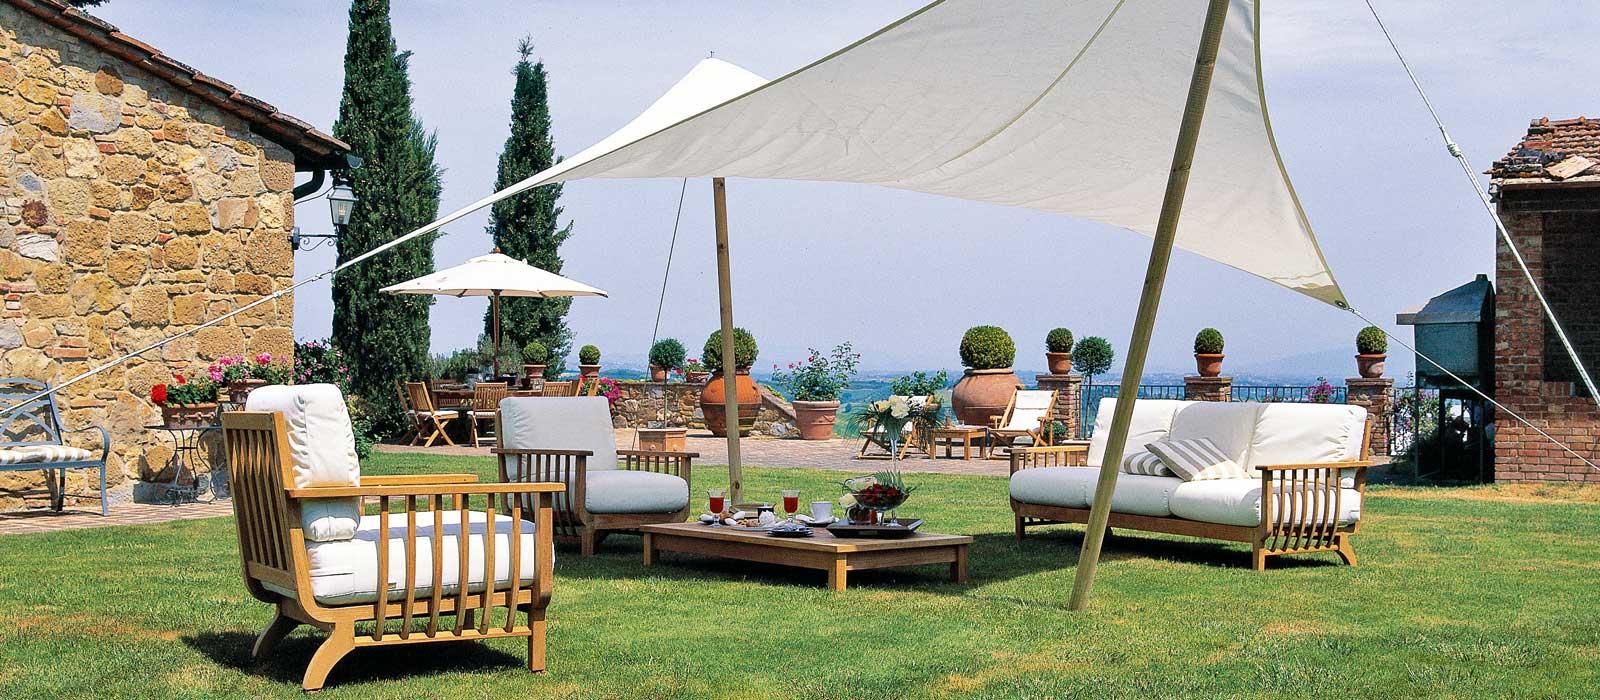 Montella prisma arredo arredamento e mobili per la casa for Arredamento per giardino outlet